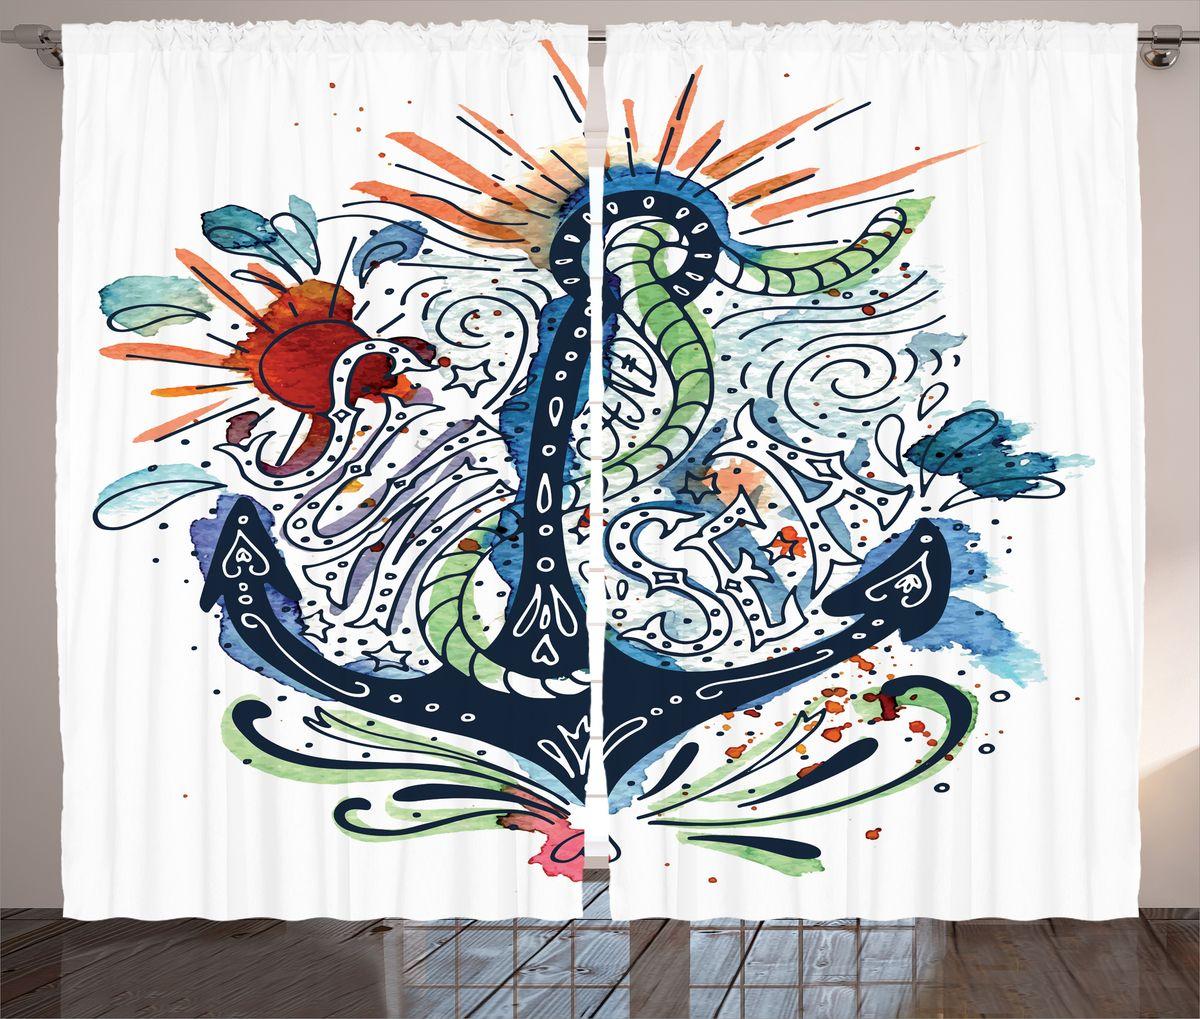 Комплект фотоштор Magic Lady Sun and sea, на ленте, высота 265 см. шсг_1593621203Компания Сэмболь изготавливает шторы из высококачественного сатена (полиэстер 100%). При изготовлении используются специальные гипоаллергенные чернила для прямой печати по ткани, безопасные для человека и животных. Экологичность продукции Magic lady и безопасность для окружающей среды подтверждены сертификатом Oeko-Tex Standard 100. Крепление: крючки для крепления на шторной ленте (50 шт). Возможно крепление на трубу. Внимание! При нанесении сублимационной печати на ткань технологическим методом при температуре 240°С, возможно отклонение полученных размеров (указанных на этикетке и сайте) от стандартных на + - 3-5 см. Производитель старается максимально точно передать цвета изделия на фотографиях, однако искажения неизбежны и фактический цвет изделия может отличаться от воспринимаемого по фото. Обратите внимание! Шторы изготовлены из полиэстра сатенового переплетения, а не из сатина (хлопок). Размер одного полотна шторы: 145х265 см. В комплекте 2 полотна шторы и 50 крючков.